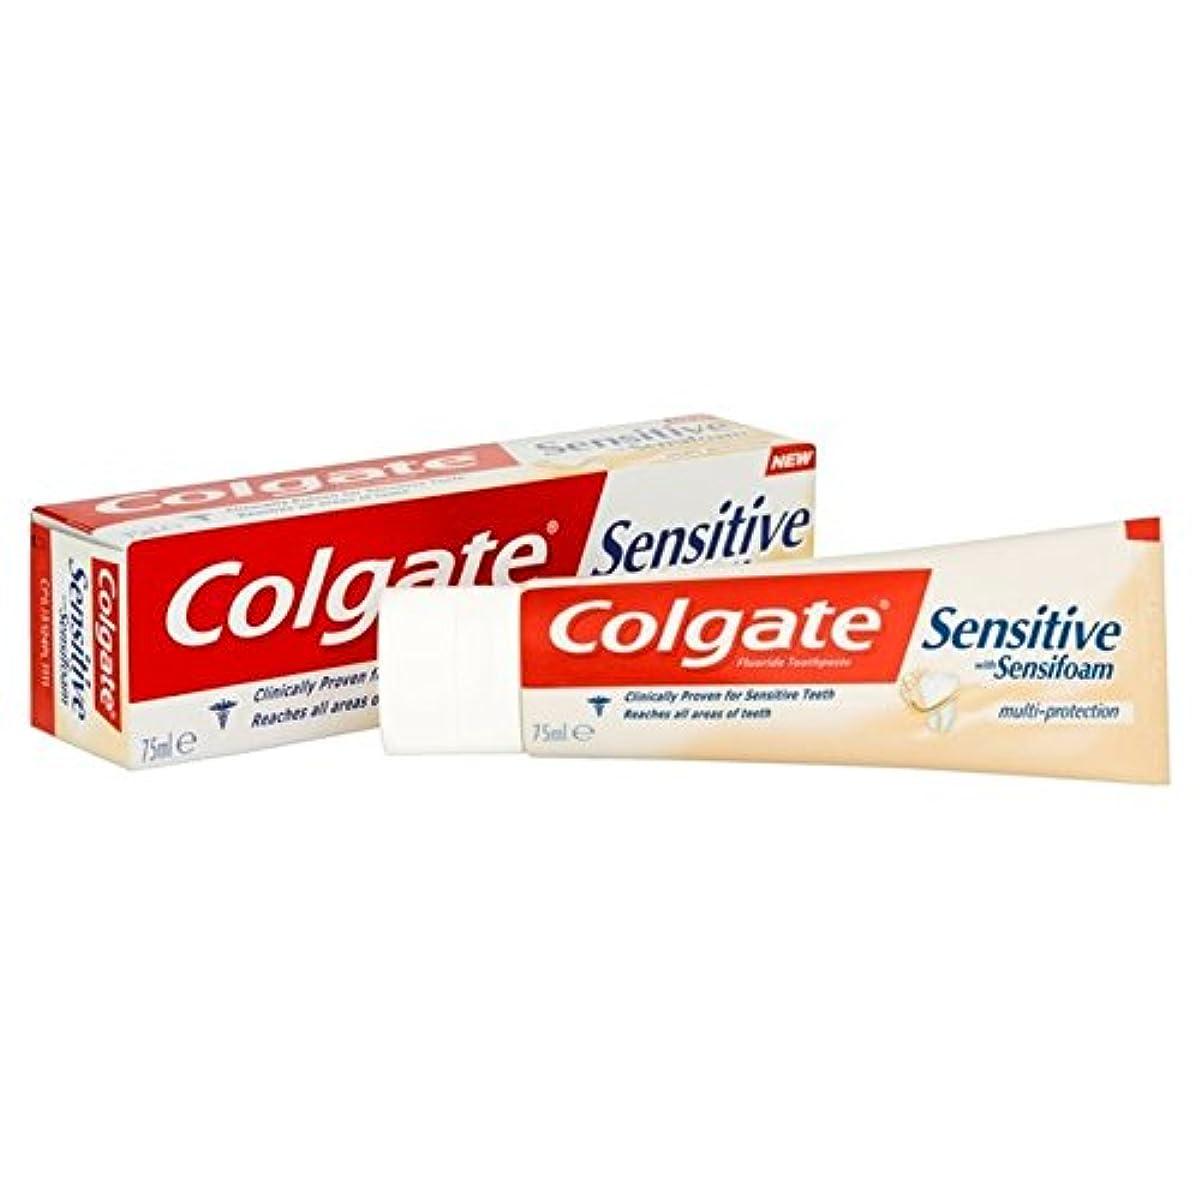 ベッドを作る妻白内障コルゲート敏感な泡は、マルチ歯磨き粉75ミリリットルを保護します x2 - Colgate Sensitive Foam Multi Protect Toothpaste 75ml (Pack of 2) [並行輸入品]